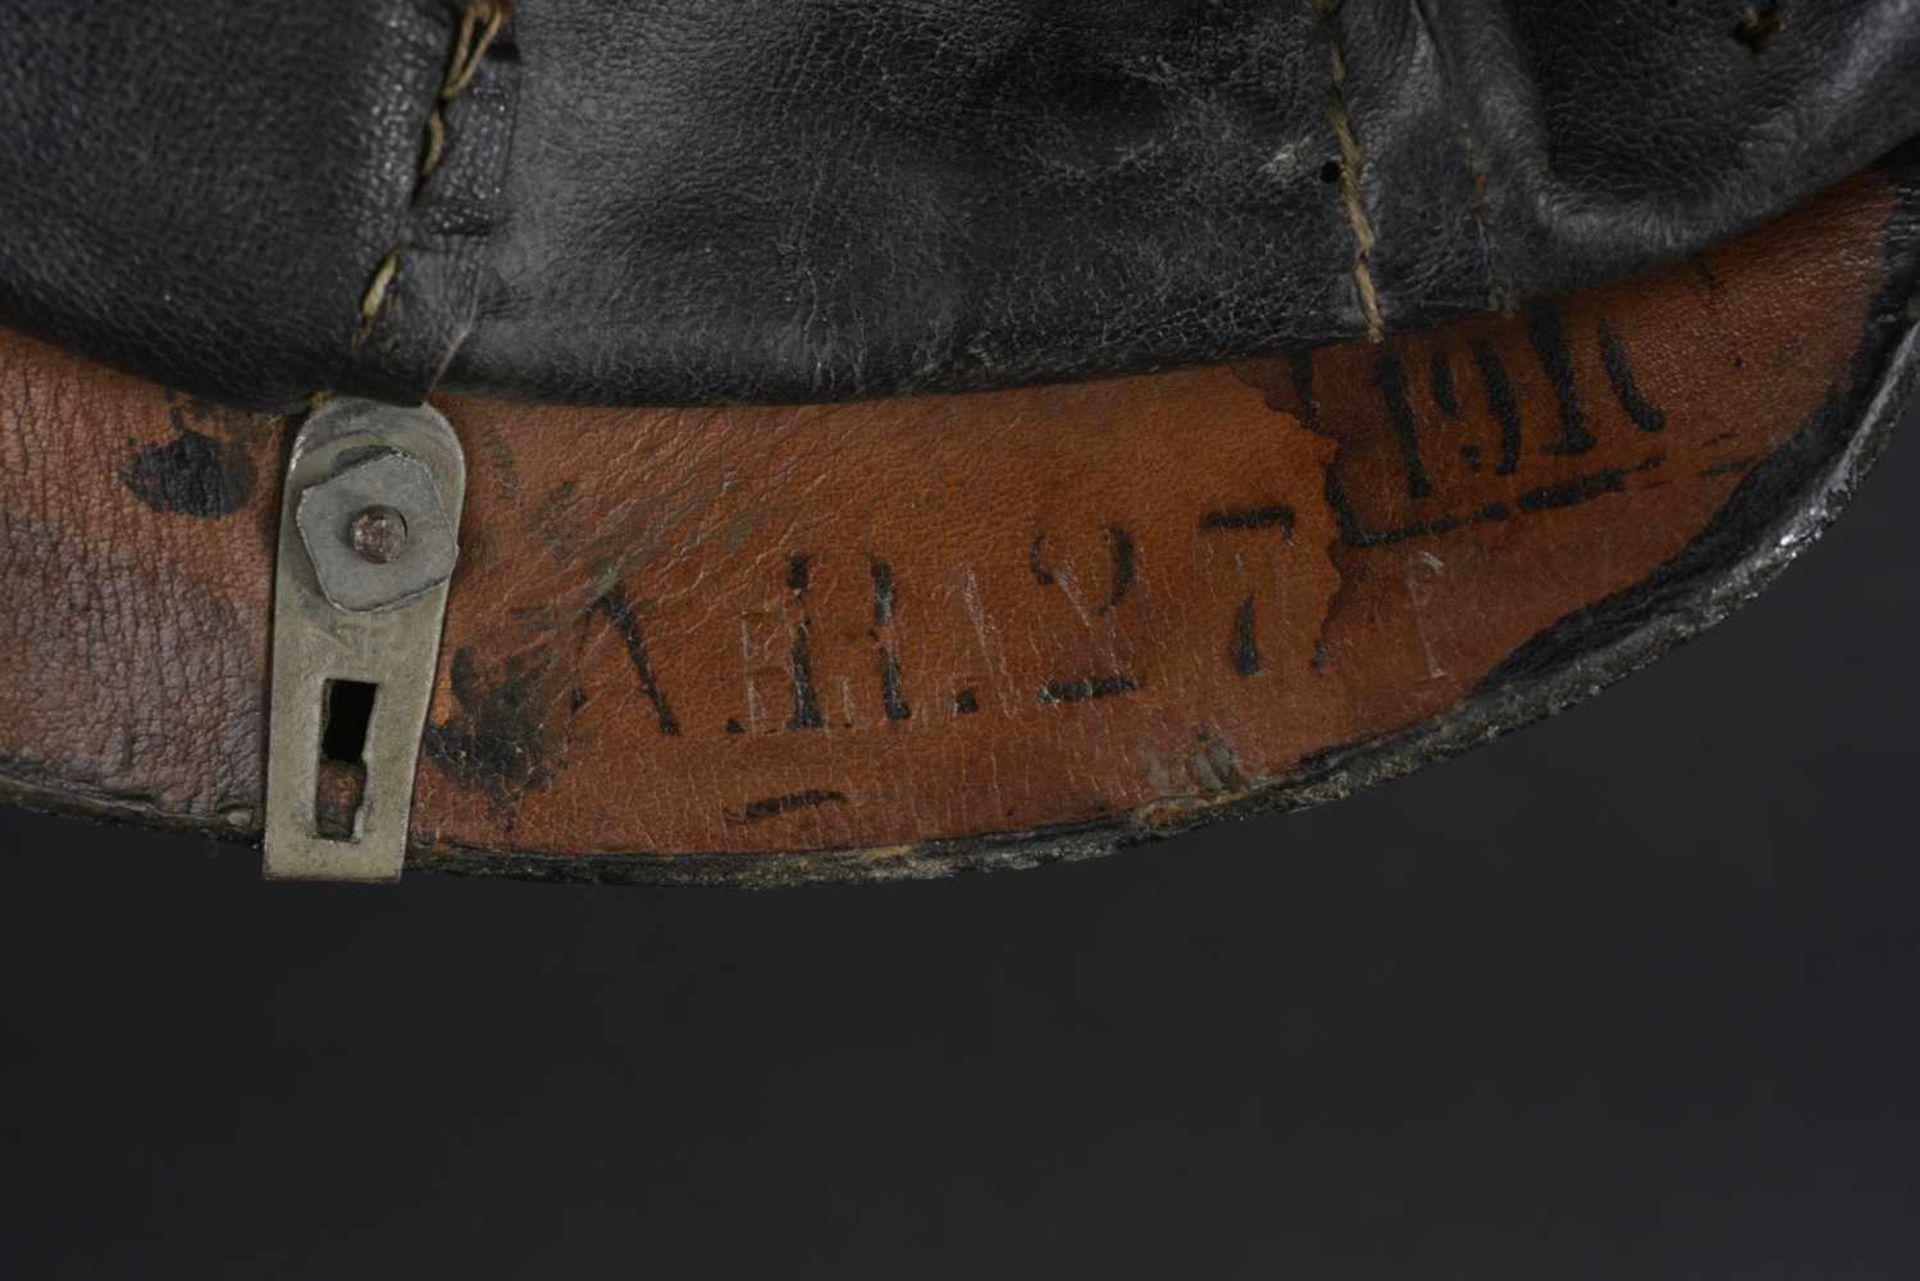 PRUSSE Casque à pointe de troupe modèle 1915 de l'infanterie Prussienne Bombe en cuir, garnitures en - Bild 3 aus 4